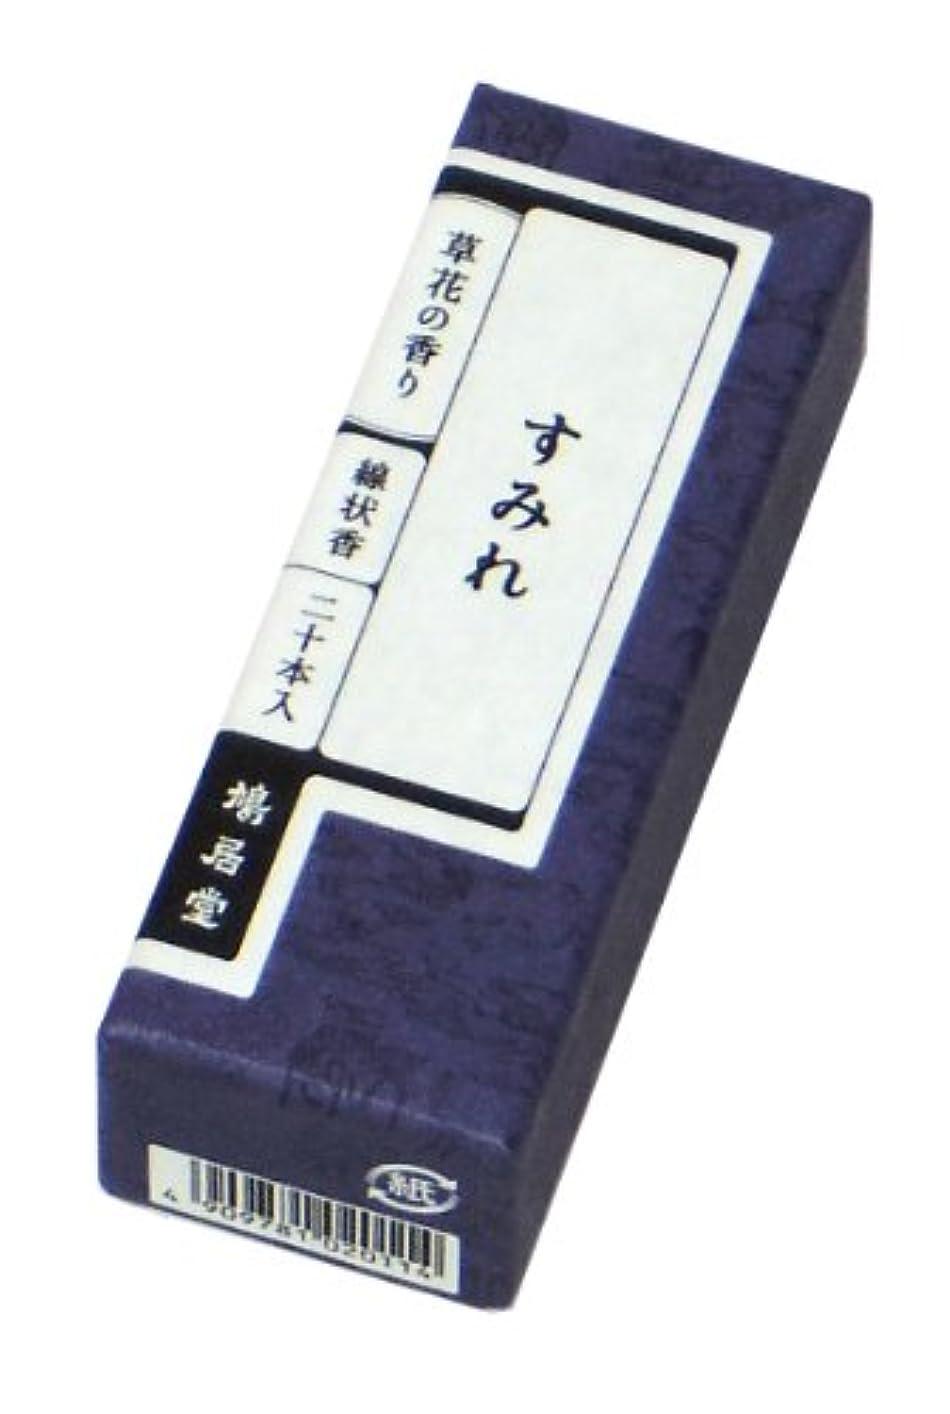 拒絶終わり曖昧な鳩居堂のお香 草花の香り すみれ 20本入 6cm